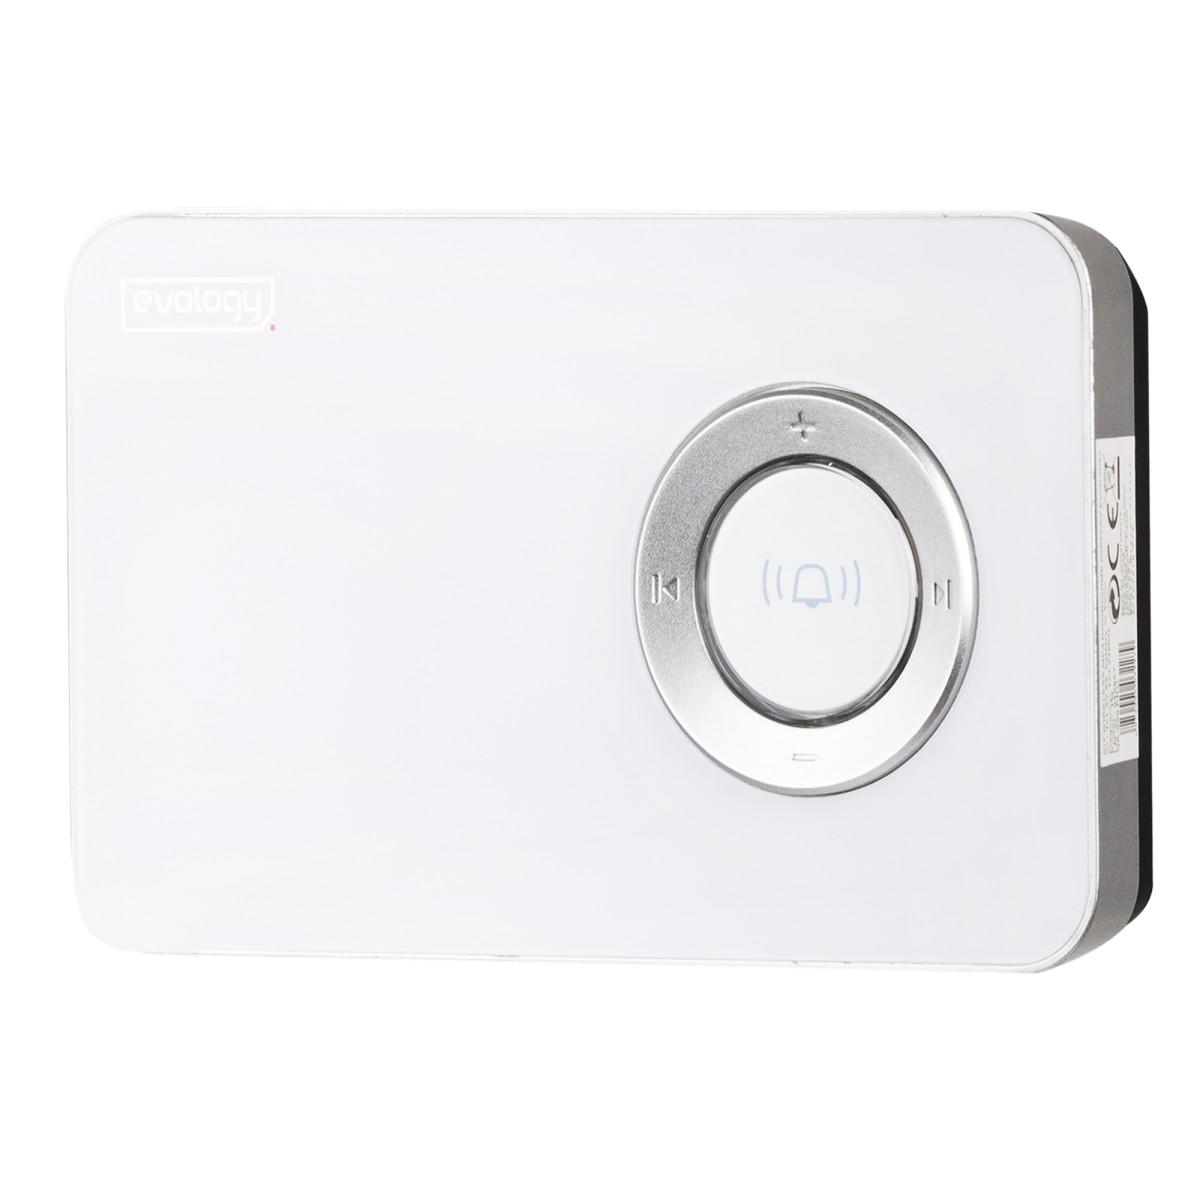 Звонок беспроводной Evology MP3 цвет металл